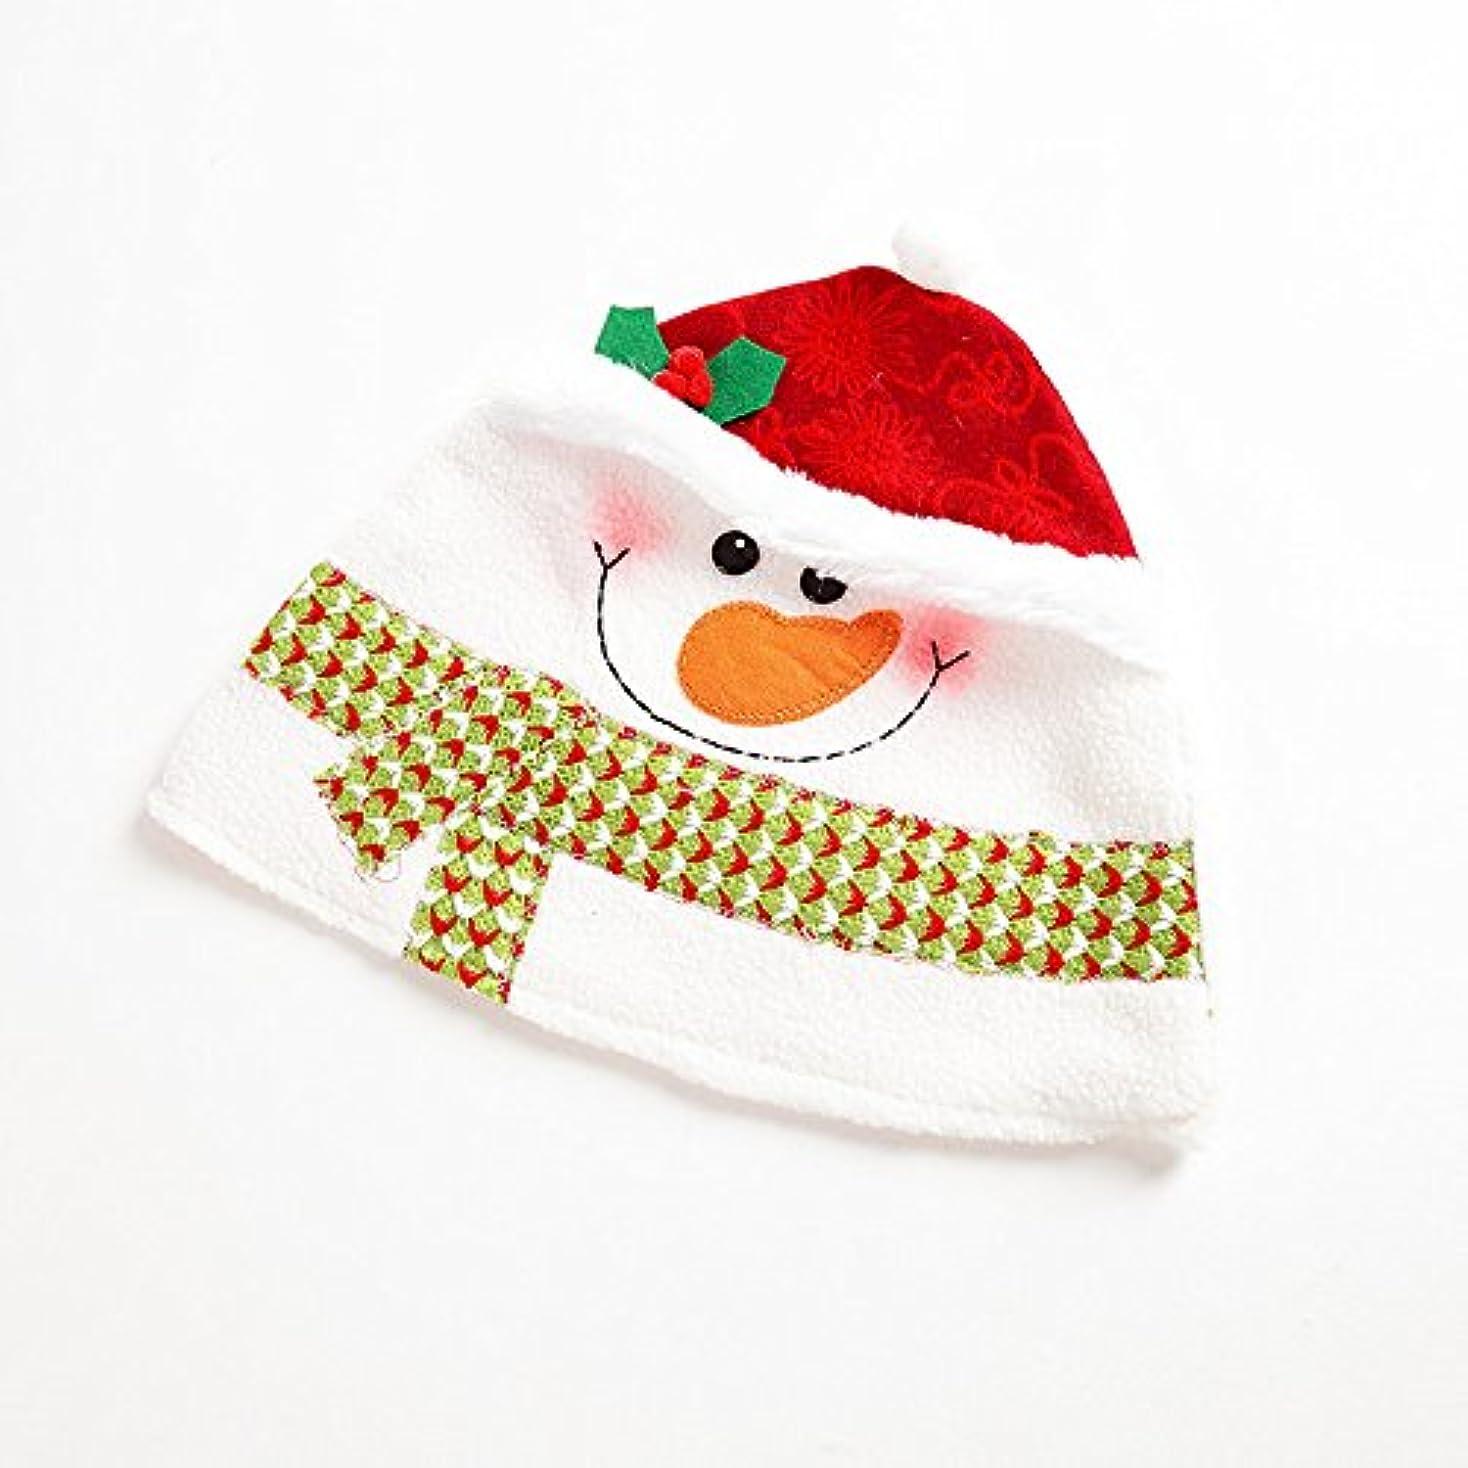 スティック普通のすみません[サンタ帽子] 男女兼用 wileqep [クリスマス] サンタクロース クリスマス帽 コスプレ衣装 コスプレパーティー イベントおもしろ 子供 仮装 販売 宴会グッズ ゲーム かわいい パーティー 公演 おもしろいハ コスチューム ユニーク